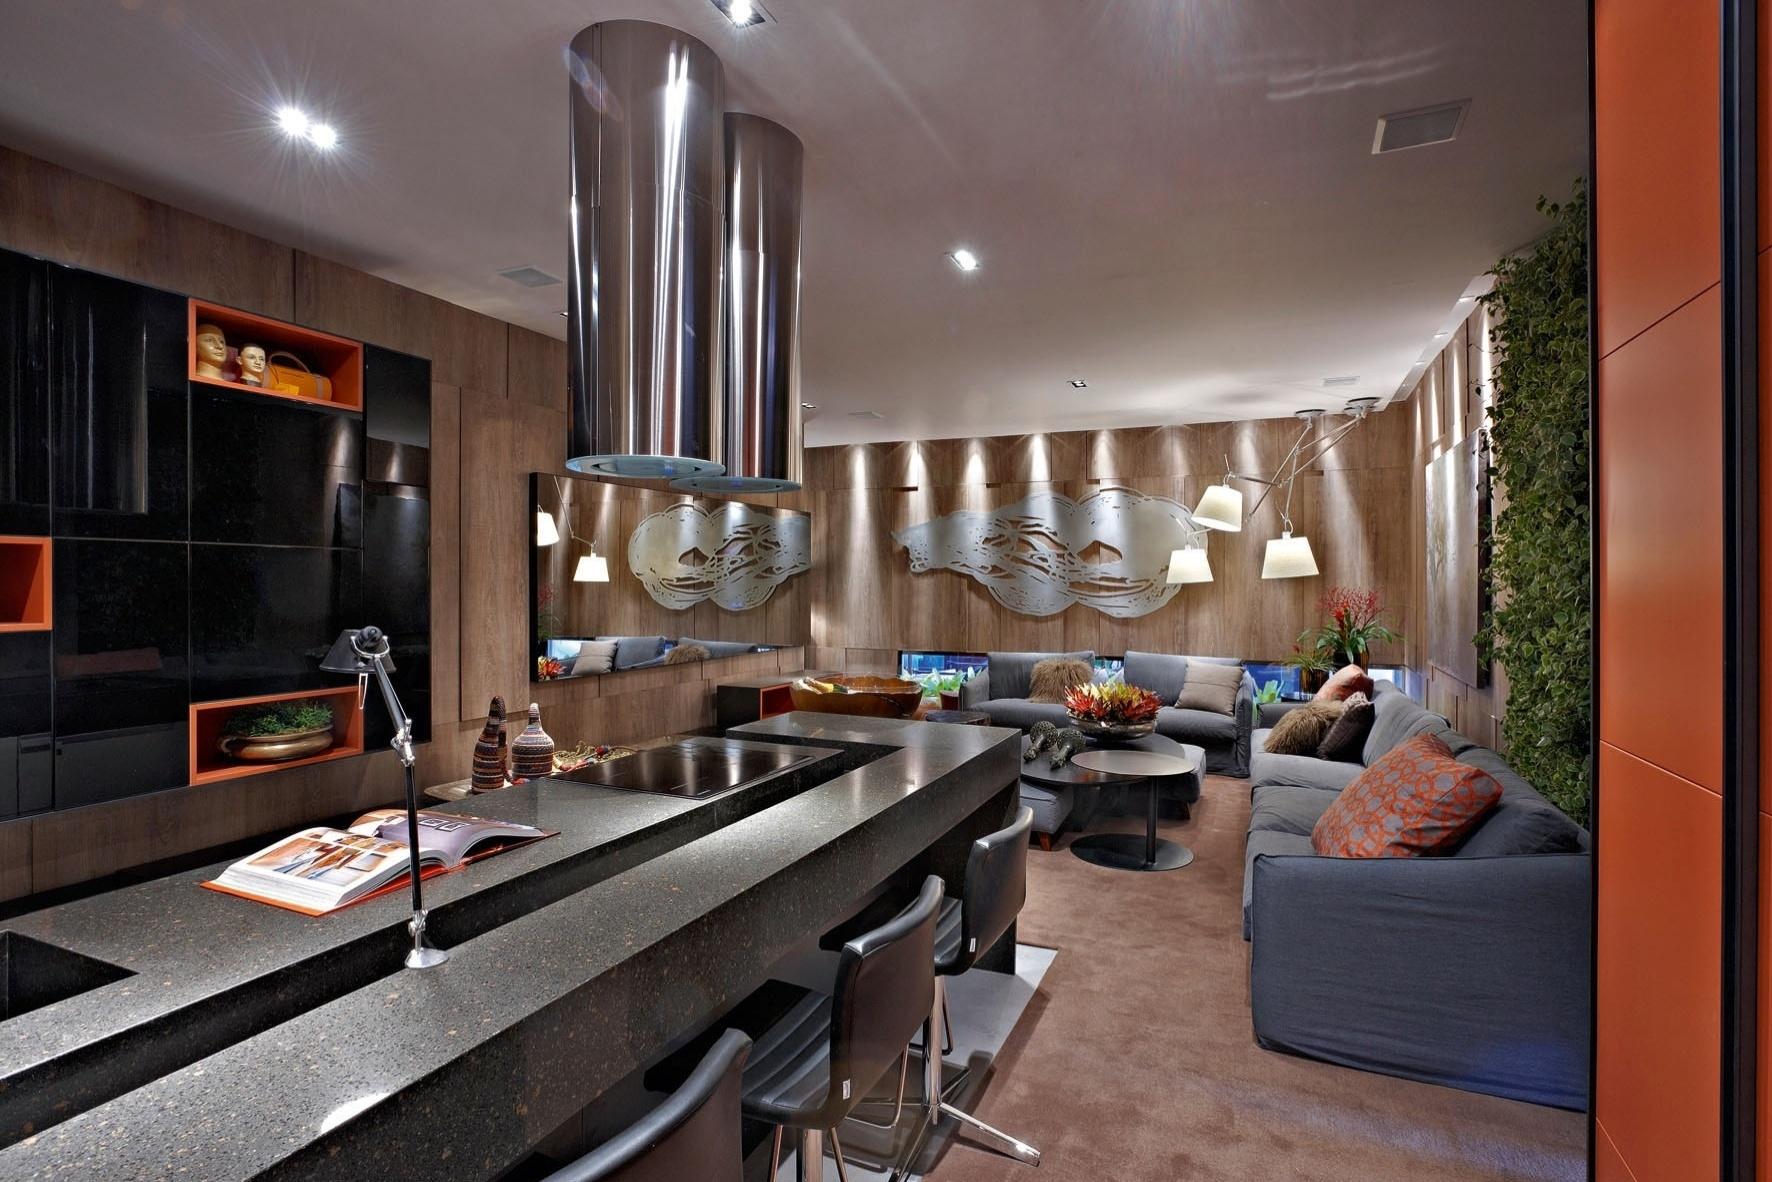 A arquiteta e designer de interiores Luciana Savassi projetou o Loft Gourmet. No ambientes, destaque para as luminárias Tolomeo que partem do teto em diversas direções. A Casa Cor MG fica em cartaz até 16 de outubro de 2012, em Belo Horizonte